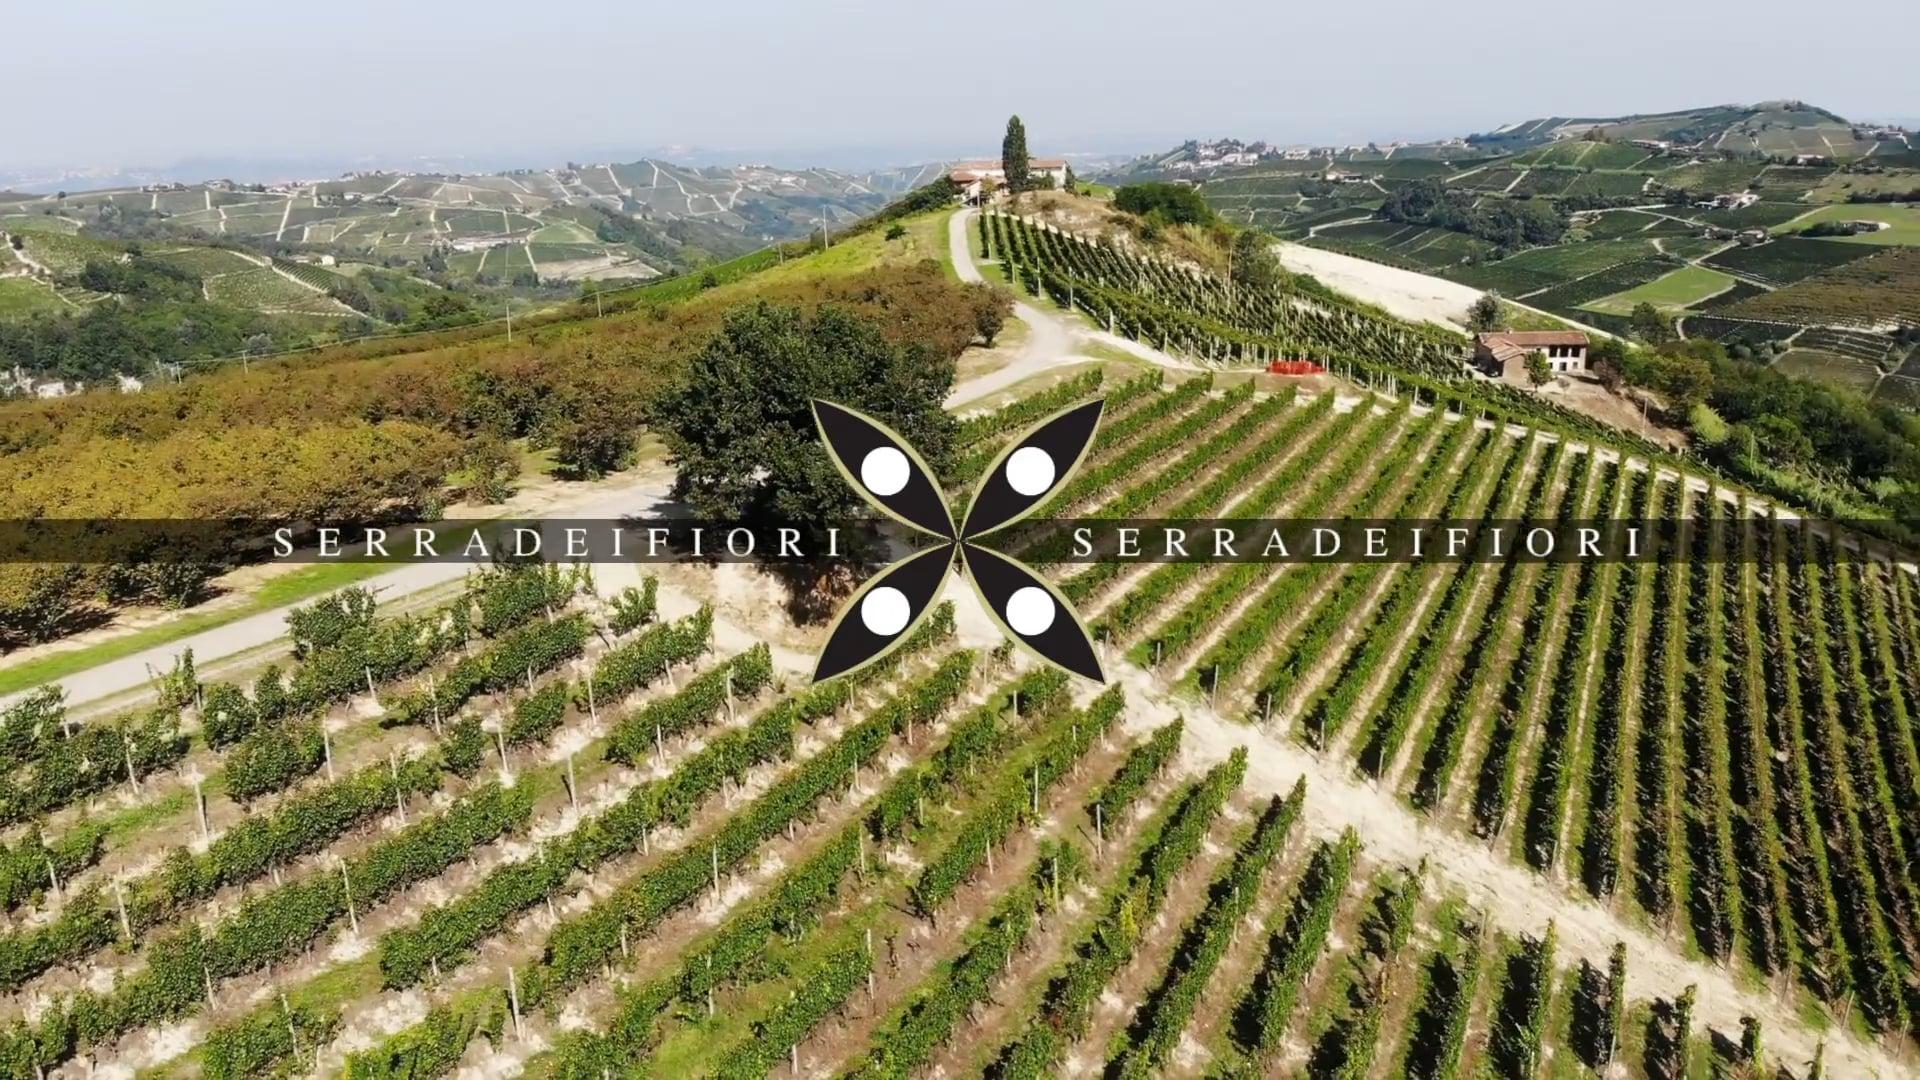 Serra dei Fiori | Il vigneto di Trezzo Tinella | The vineyard of Trezzo Tinella